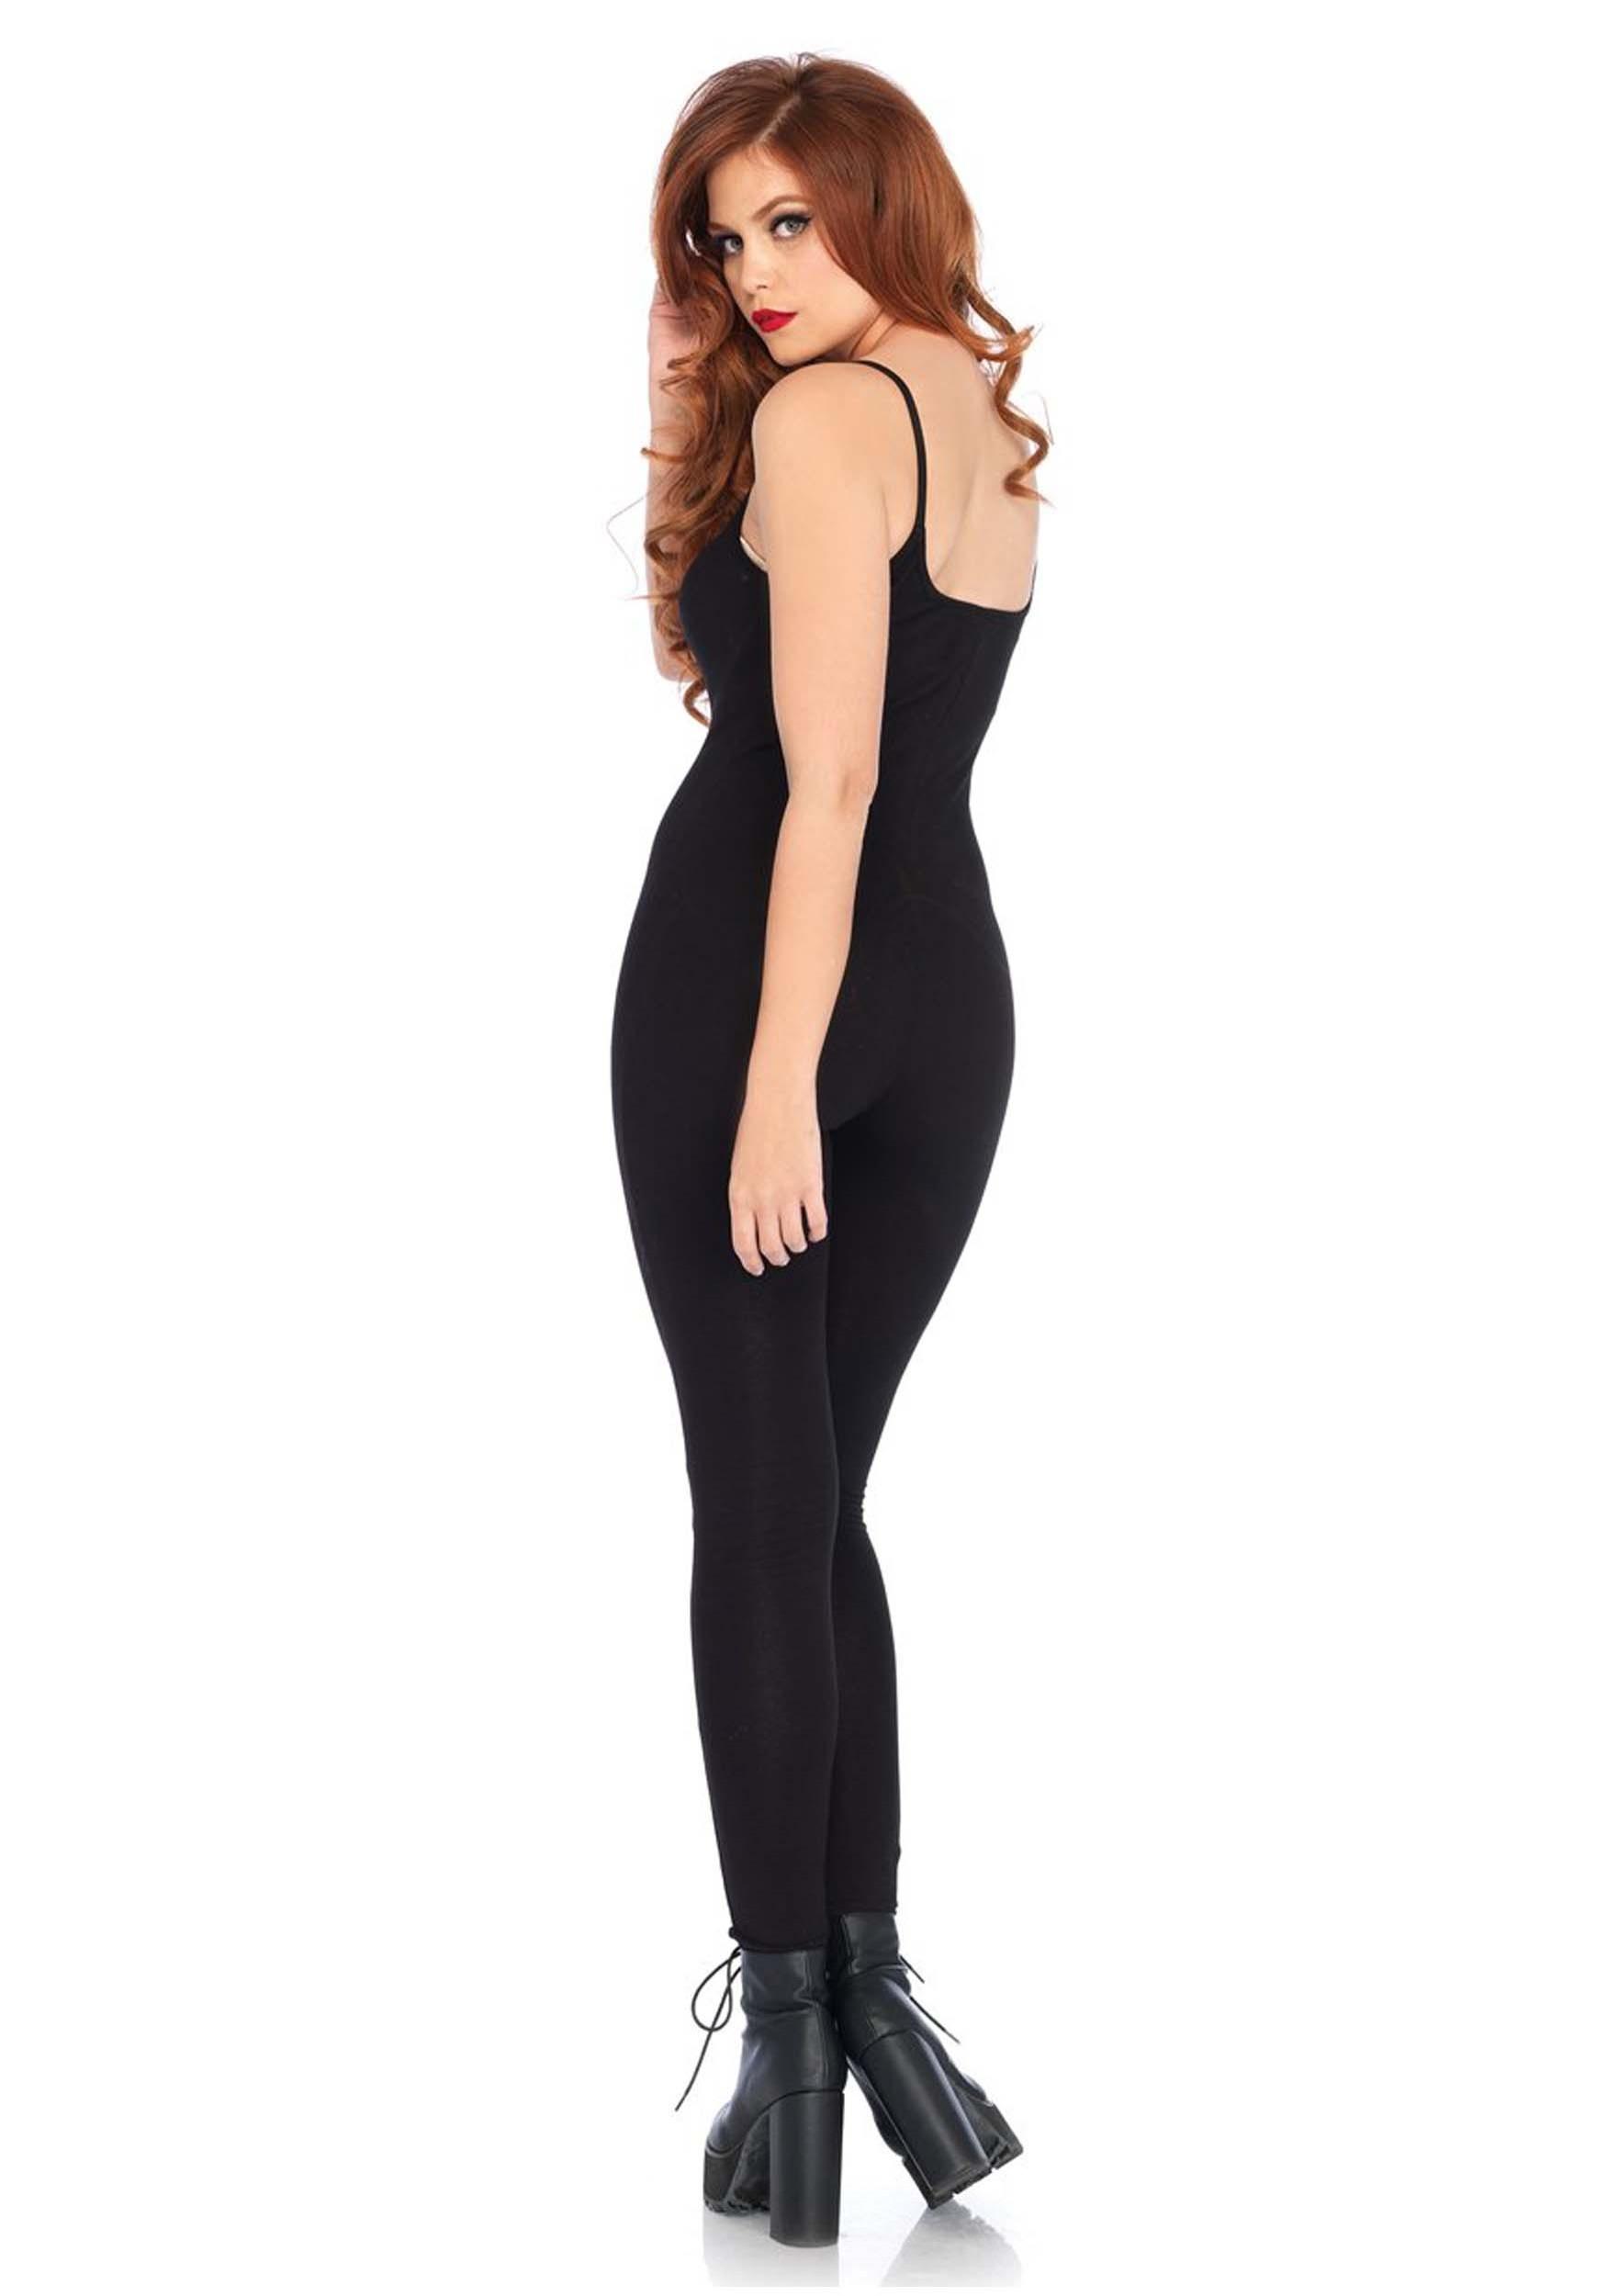 Basic Black Unitard Costume for Women